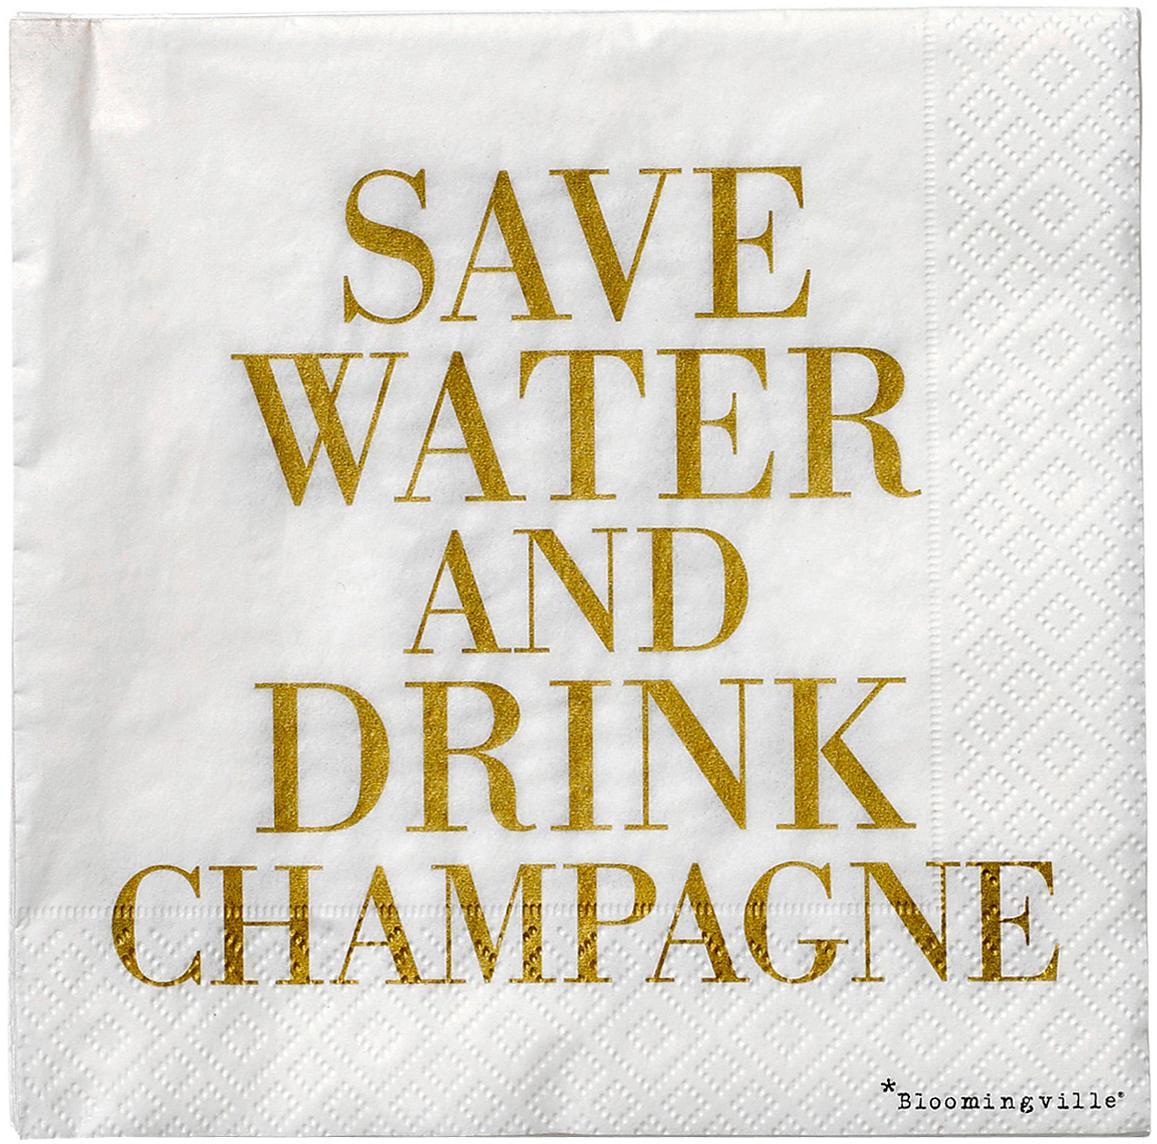 Papier-Servietten Save Water, 20 Stück, Papier, Goldfarben, Weiss, 33 x 33 cm